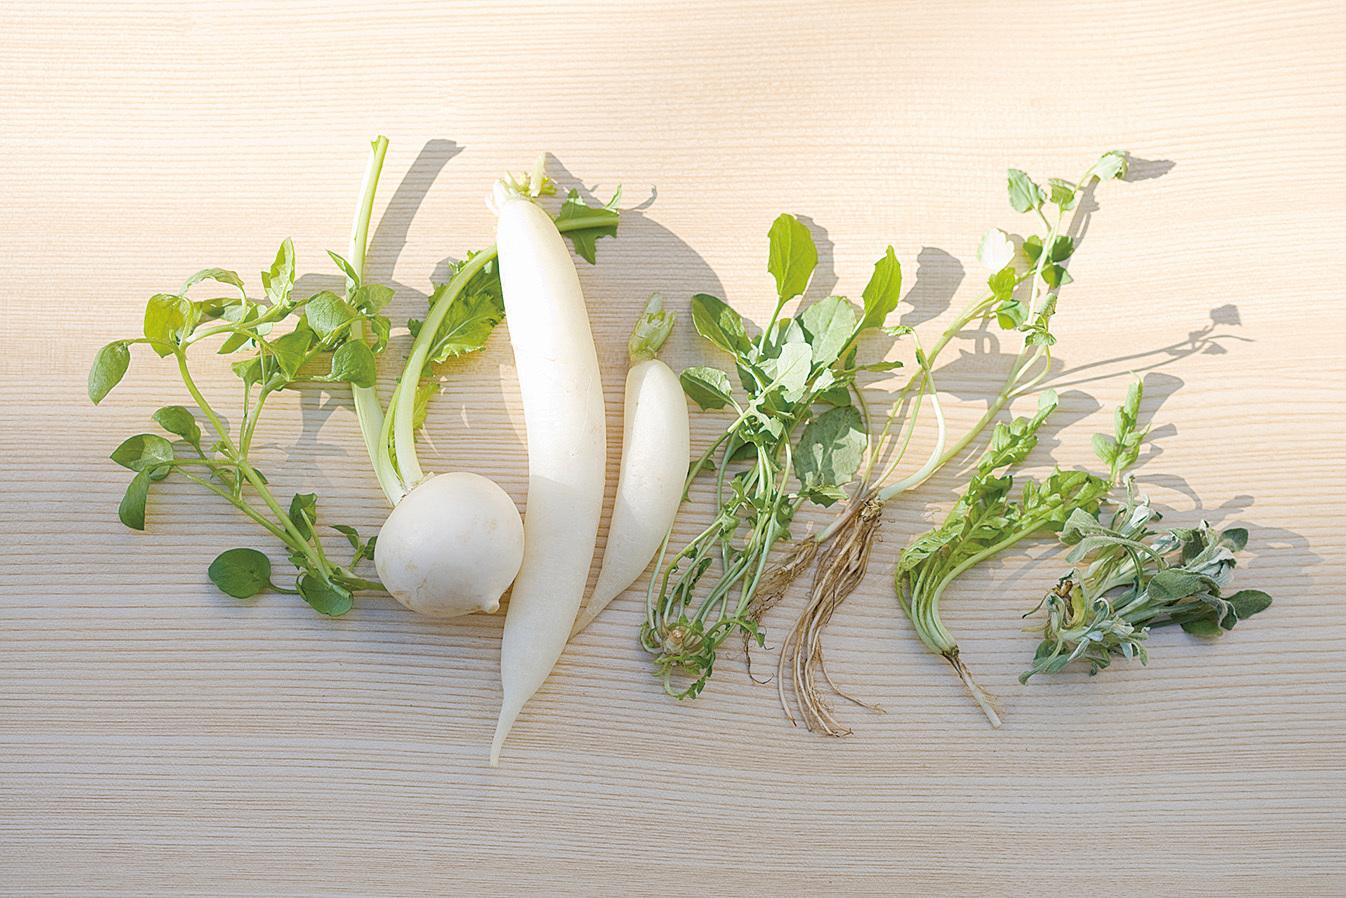 七草即為七種蔬菜。(iStock.com)